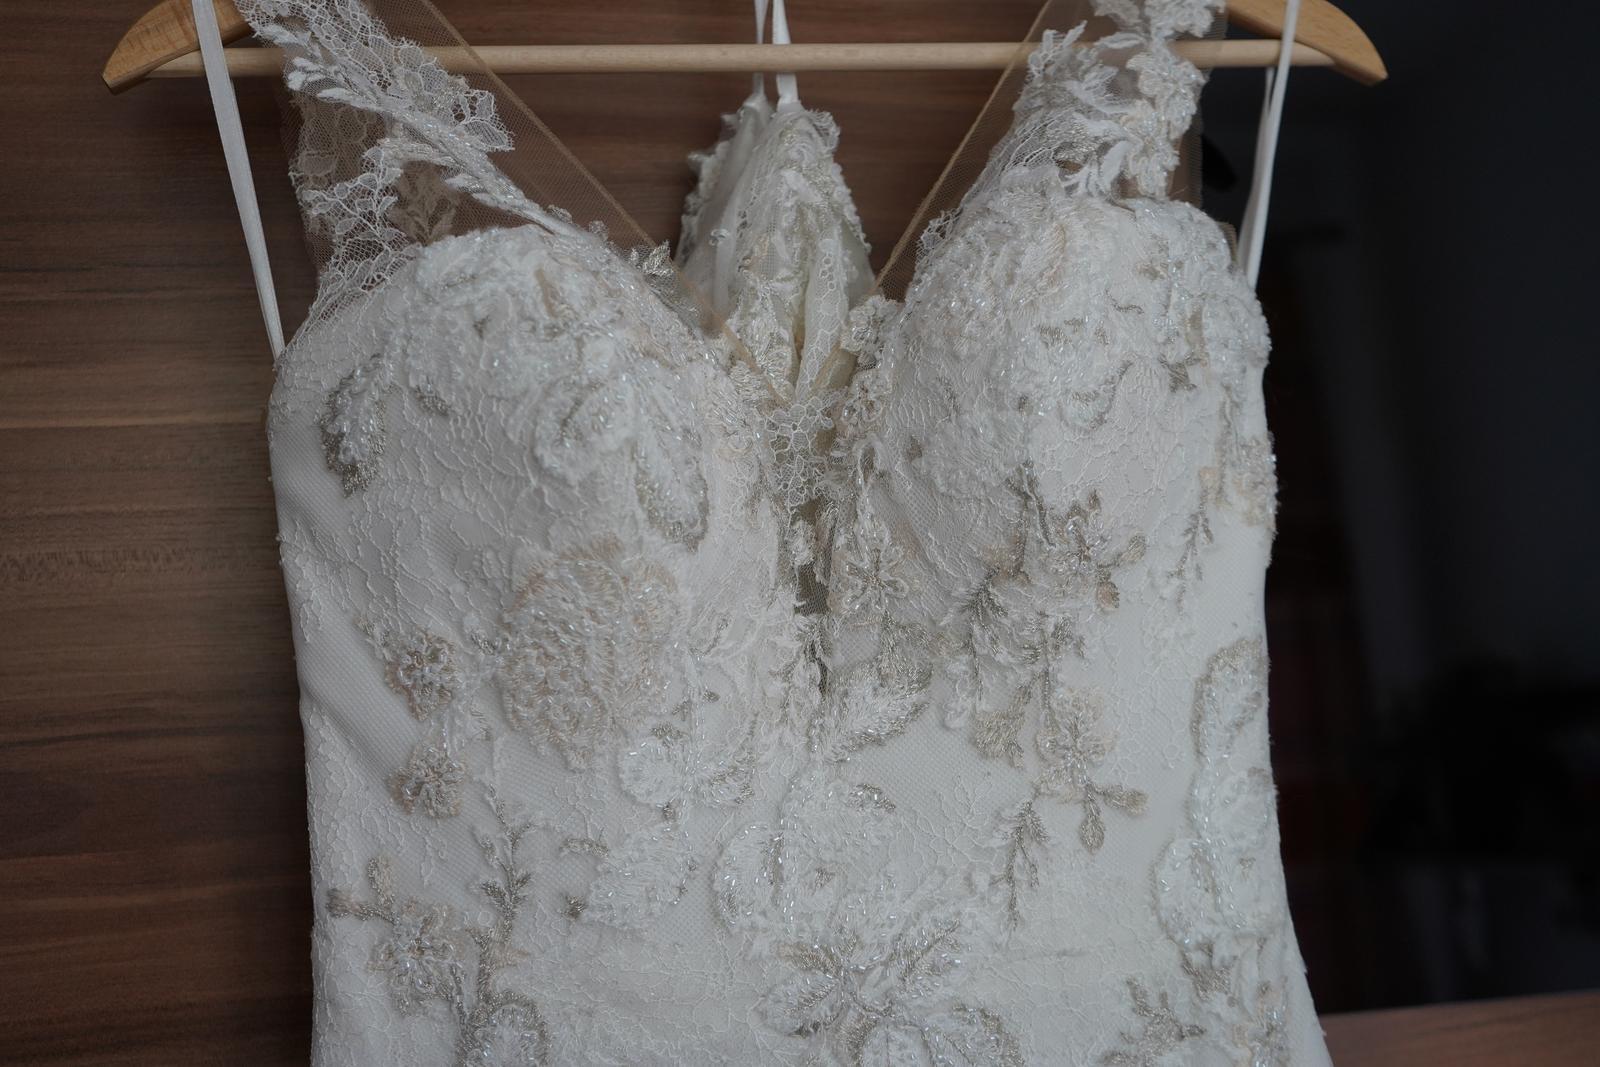 Svadobné šaty Wem collection - Obrázok č. 1